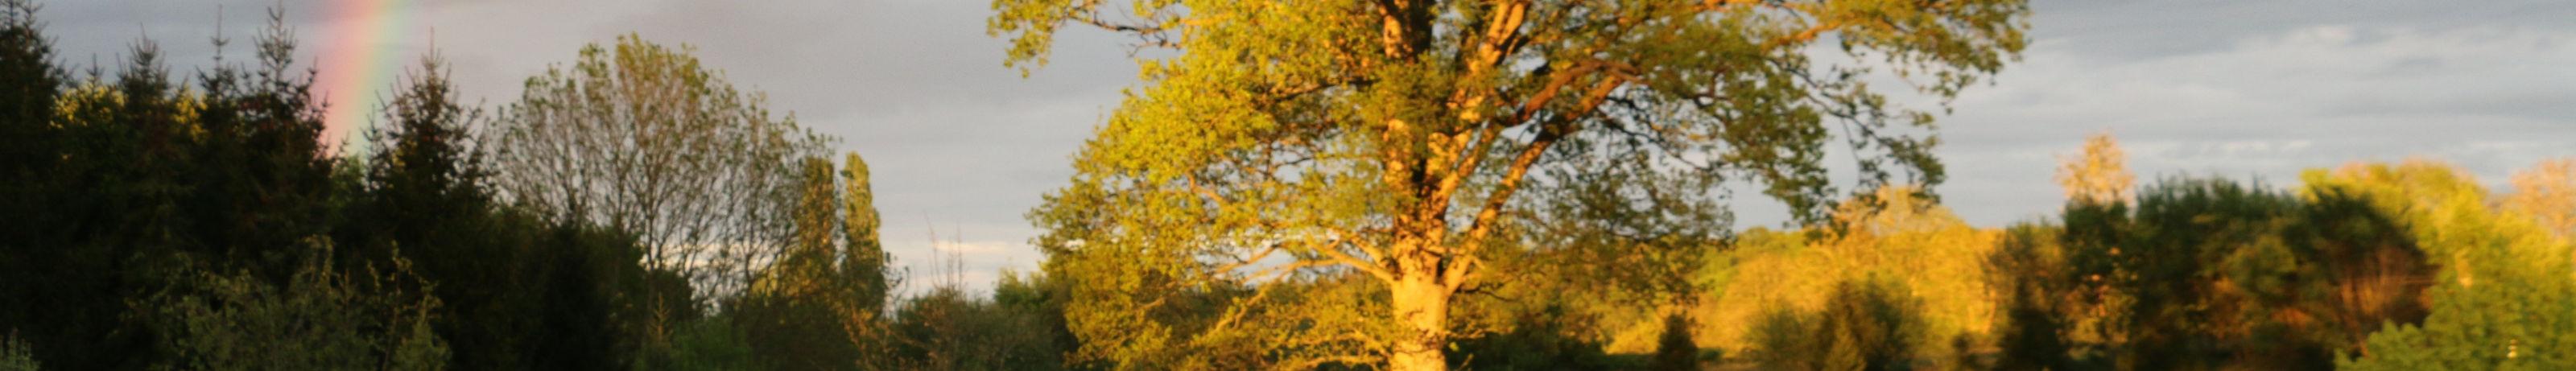 Pays de Bray avec ciel mena?ant et arc en ciel